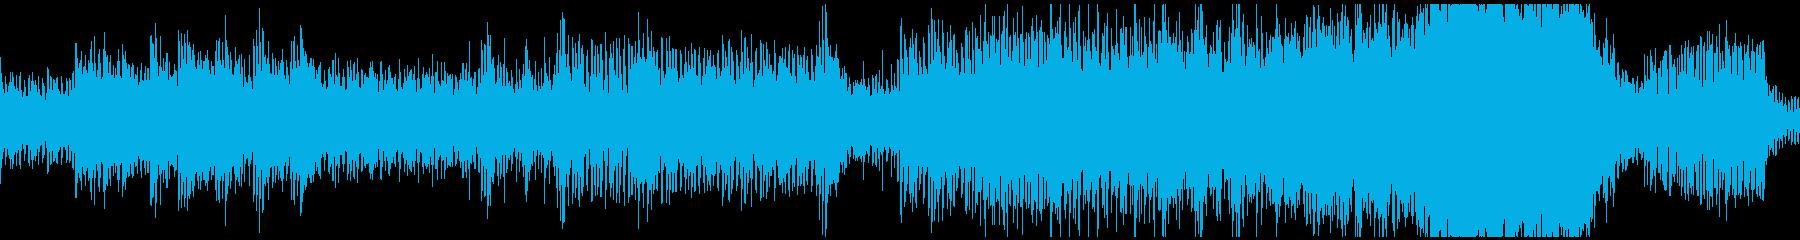 駆け上がるような疾走感の本格オーケストラの再生済みの波形